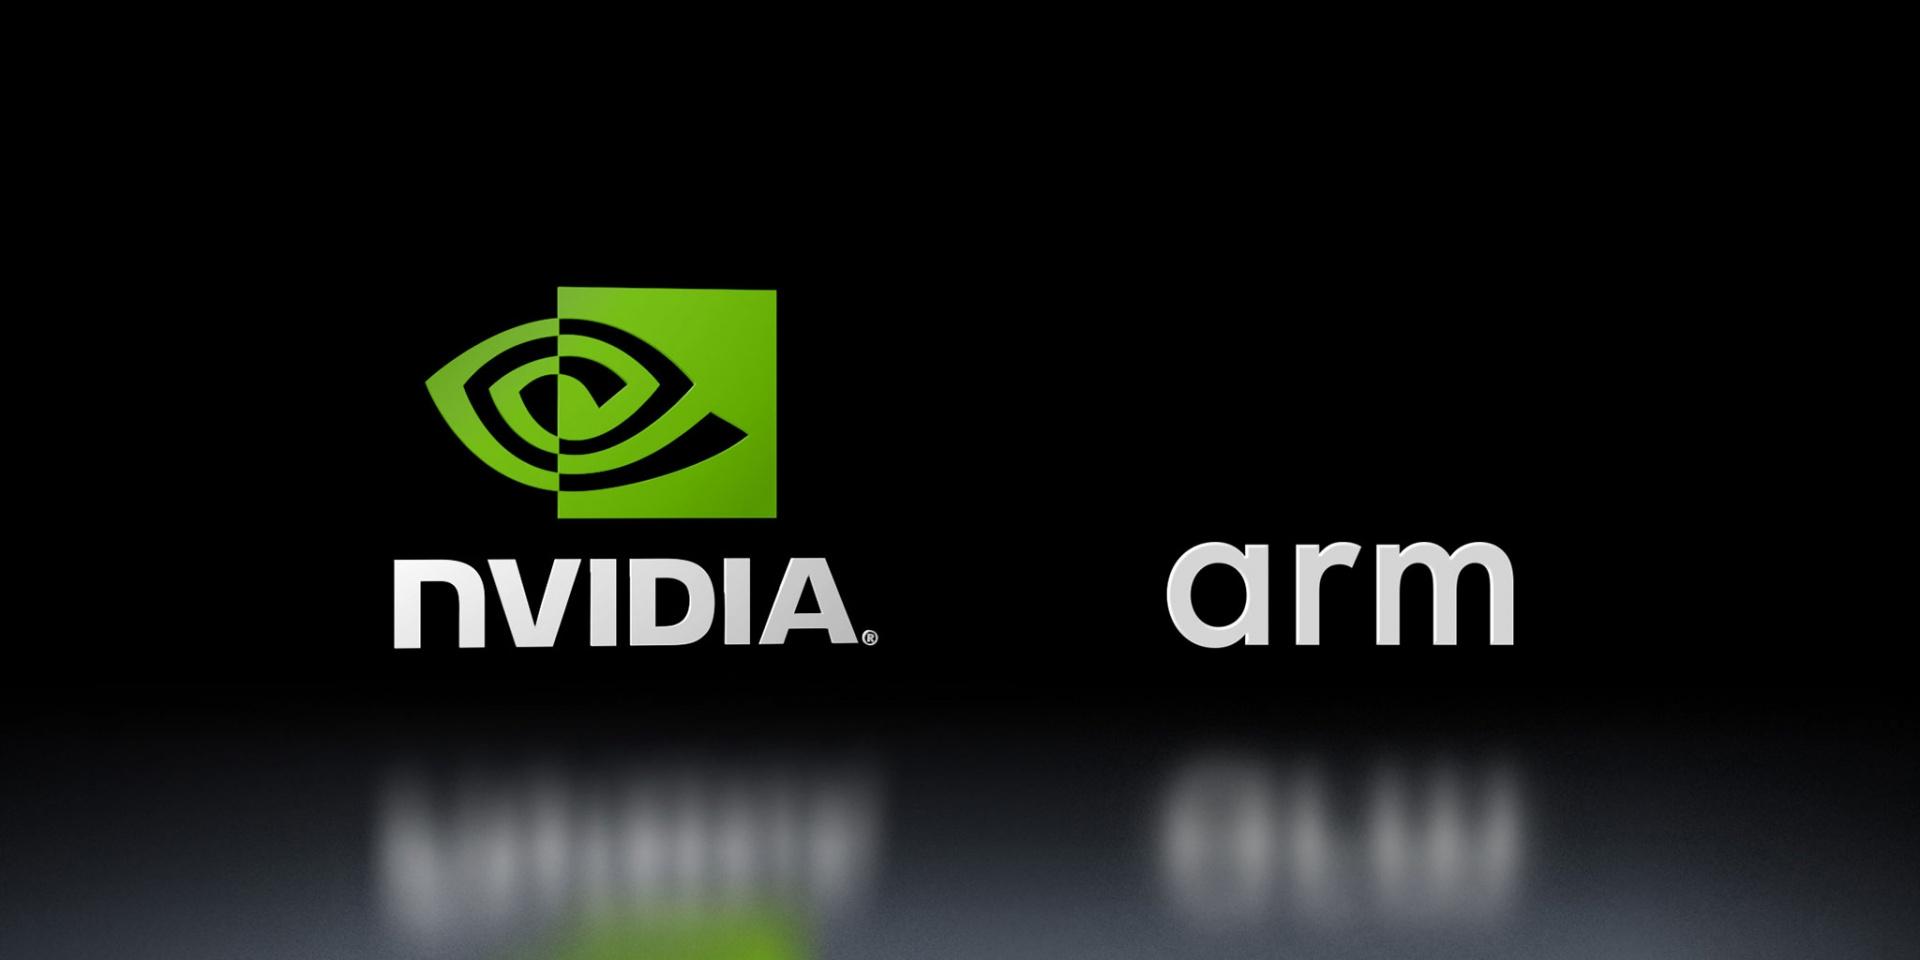 СМИ: NVIDIA может купить ARM за 40 млрд долларов